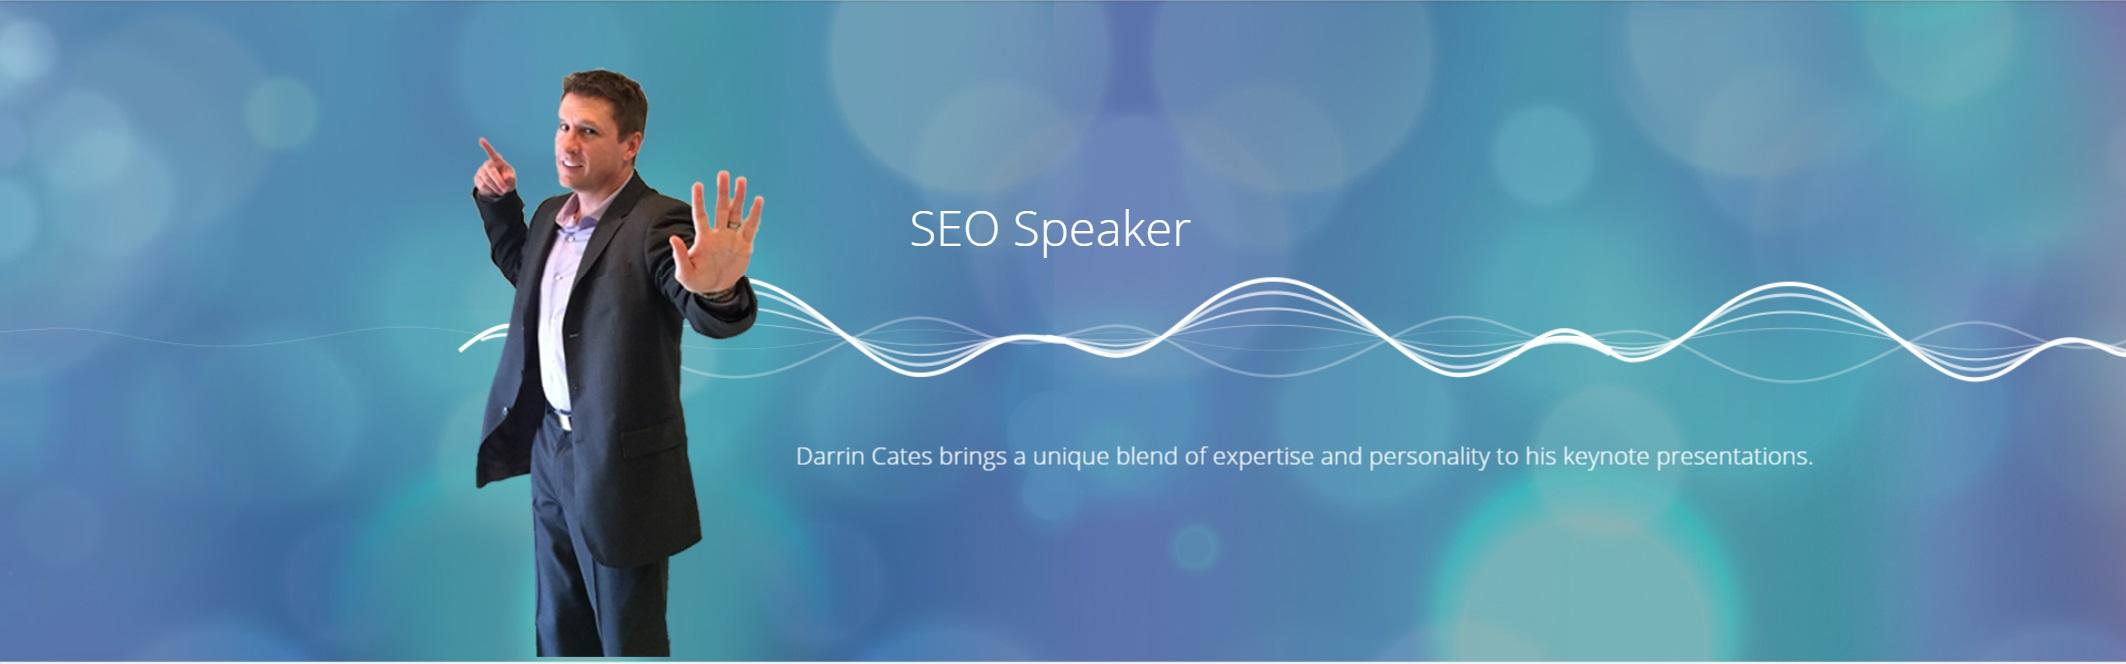 SEO Speaker